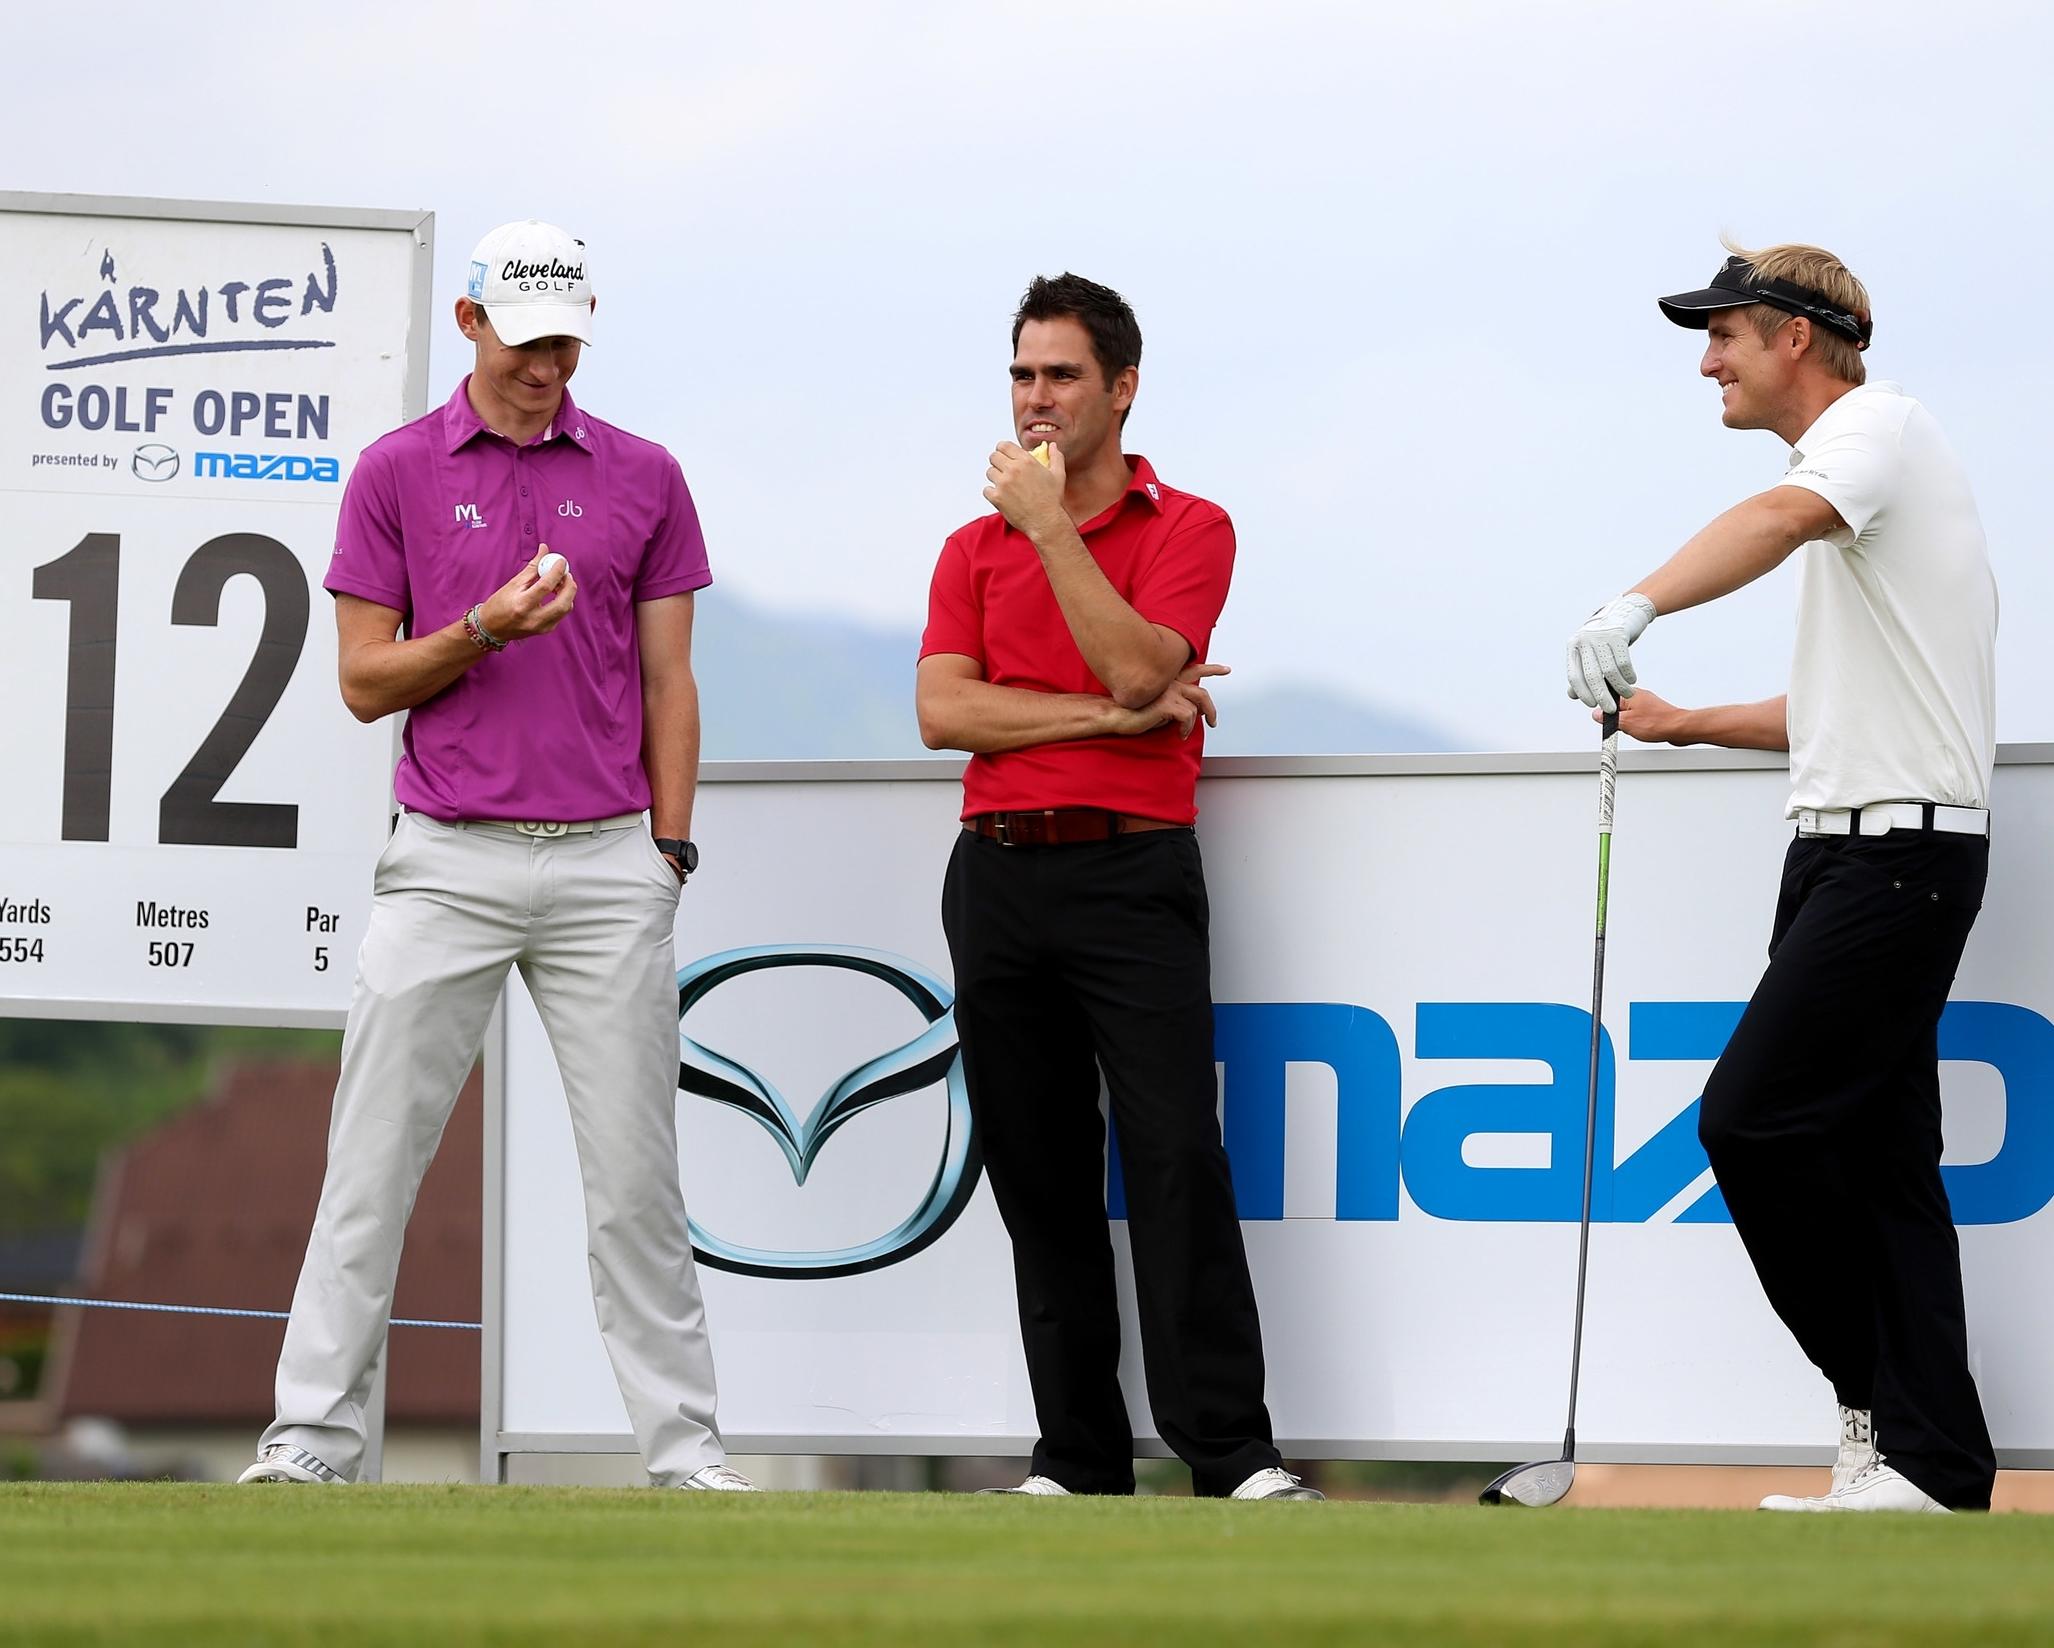 Karnten Golf Open hole 12 Tom & Florian